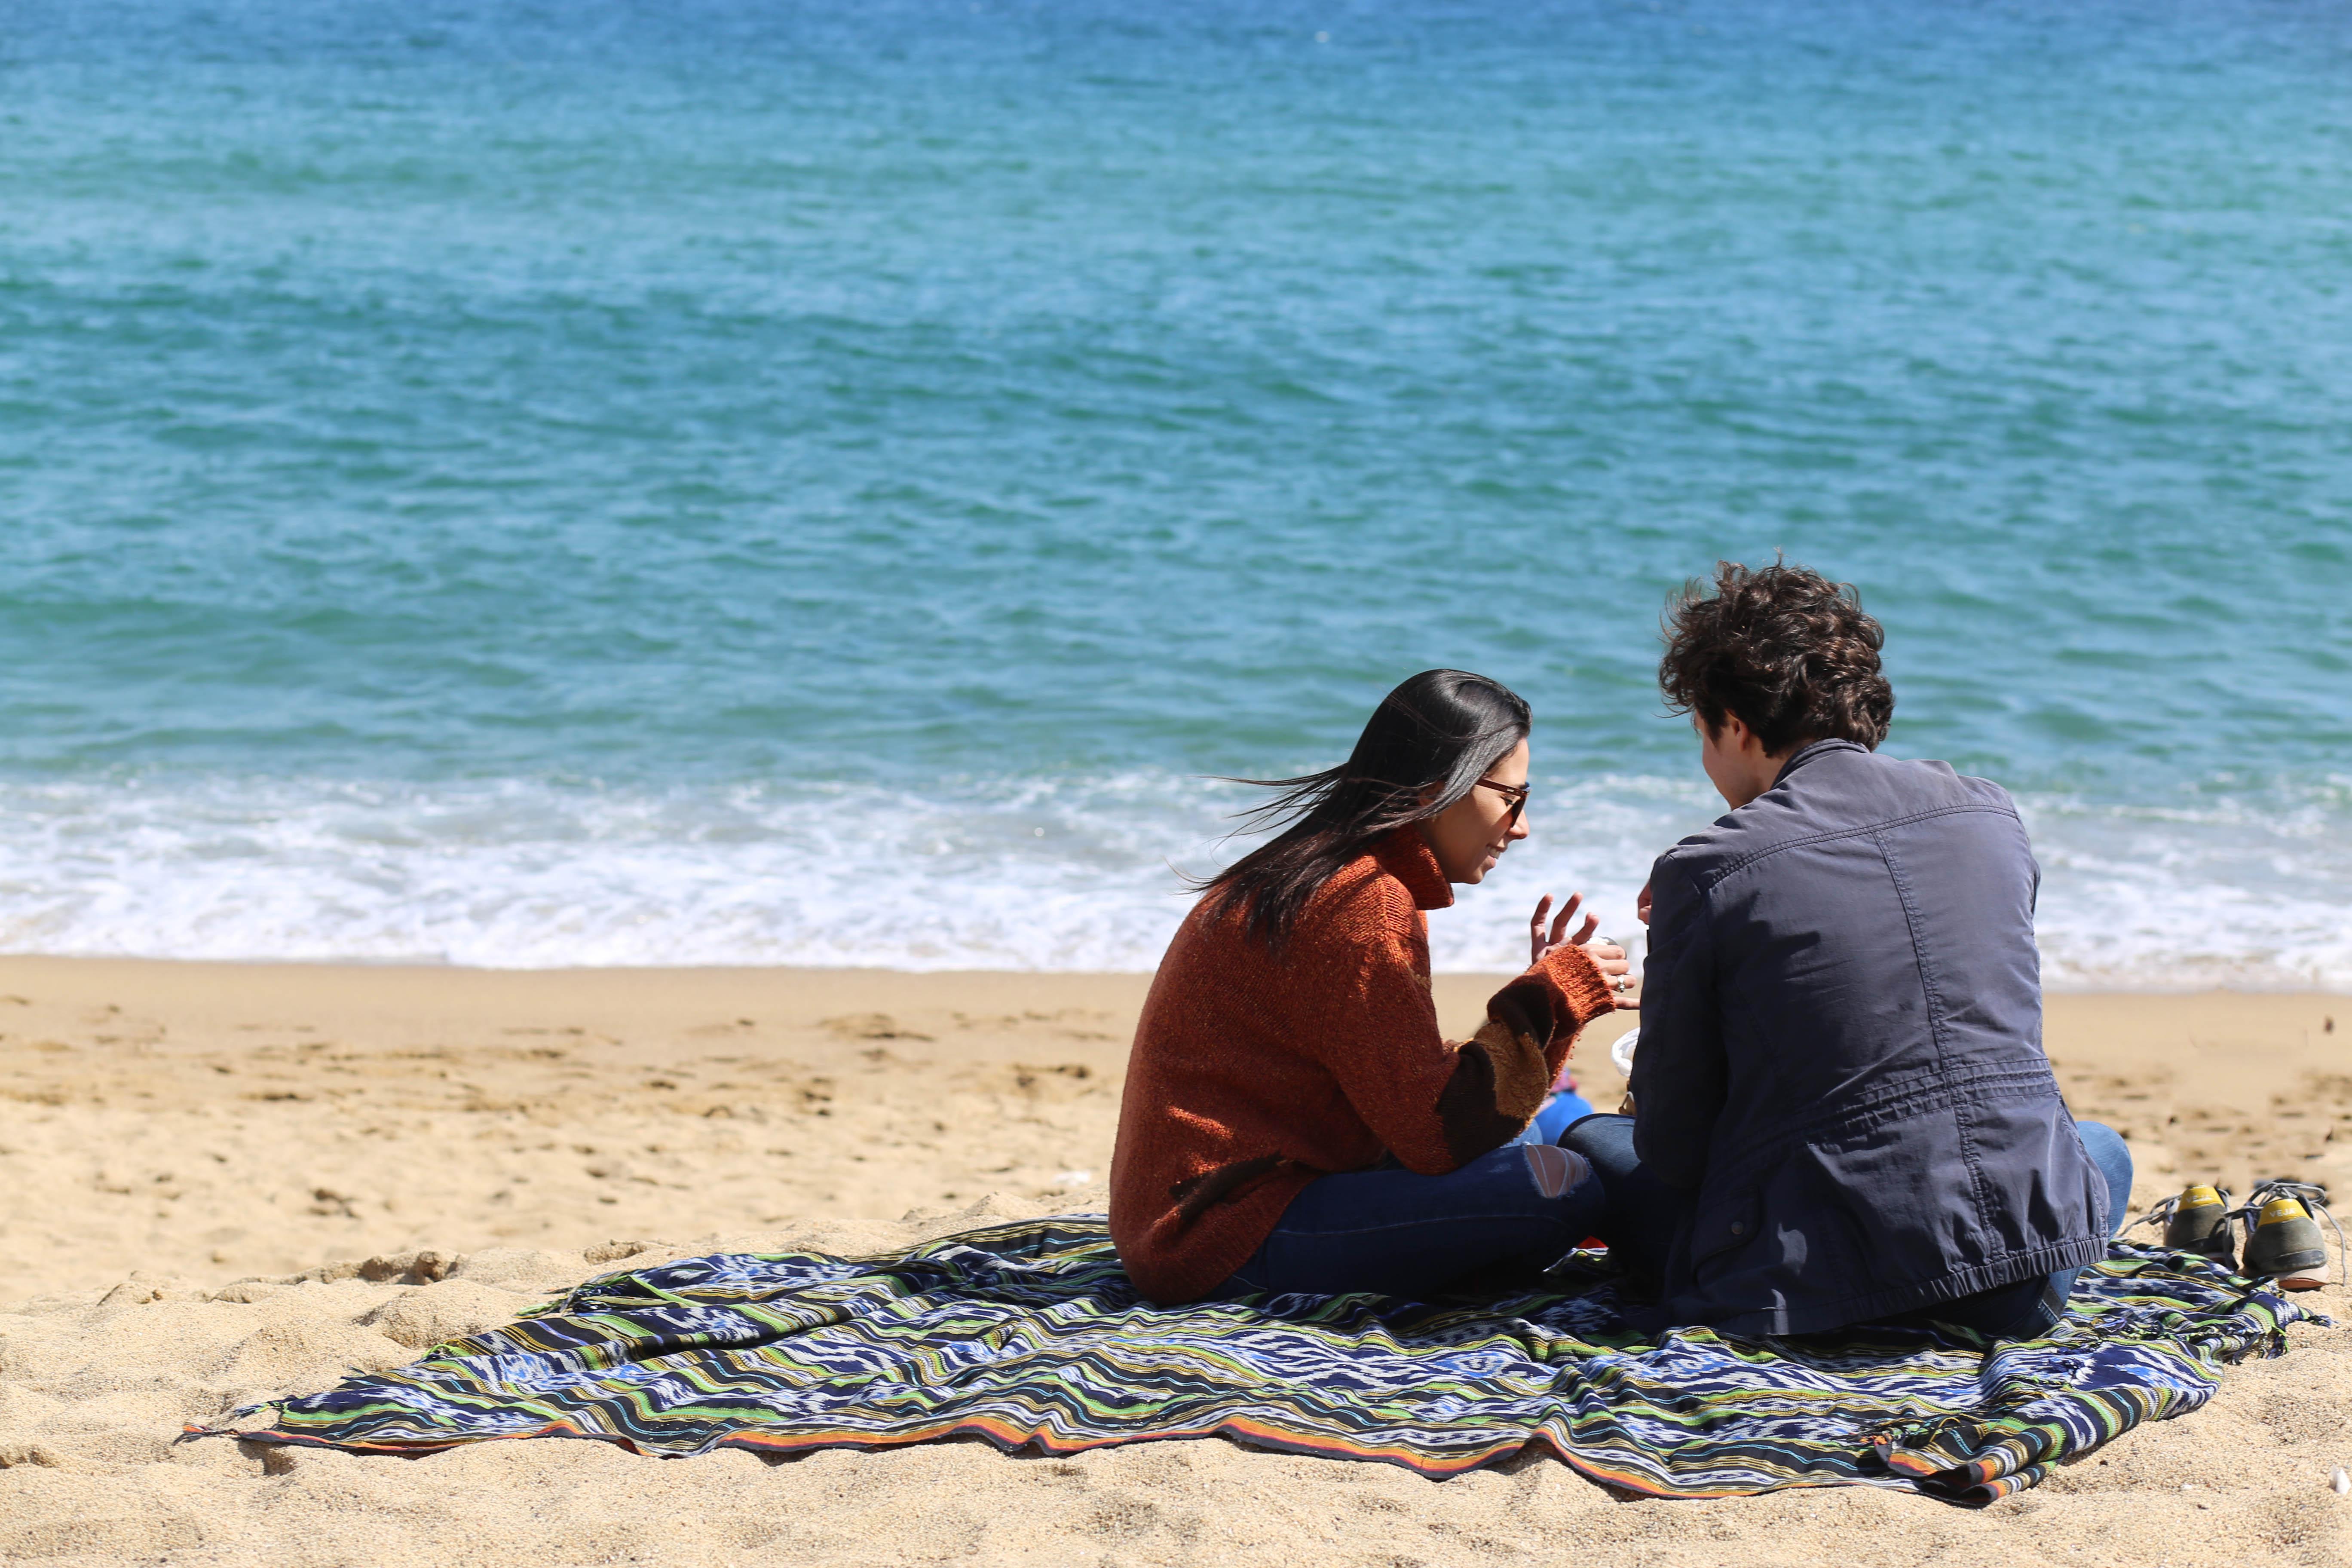 Γκαζ και Σαρλότ τζώργκιη ακτή χρονολογουν 2013 ένας Χριστιανός που χρονολογείται από ένα μη χριστιανικό